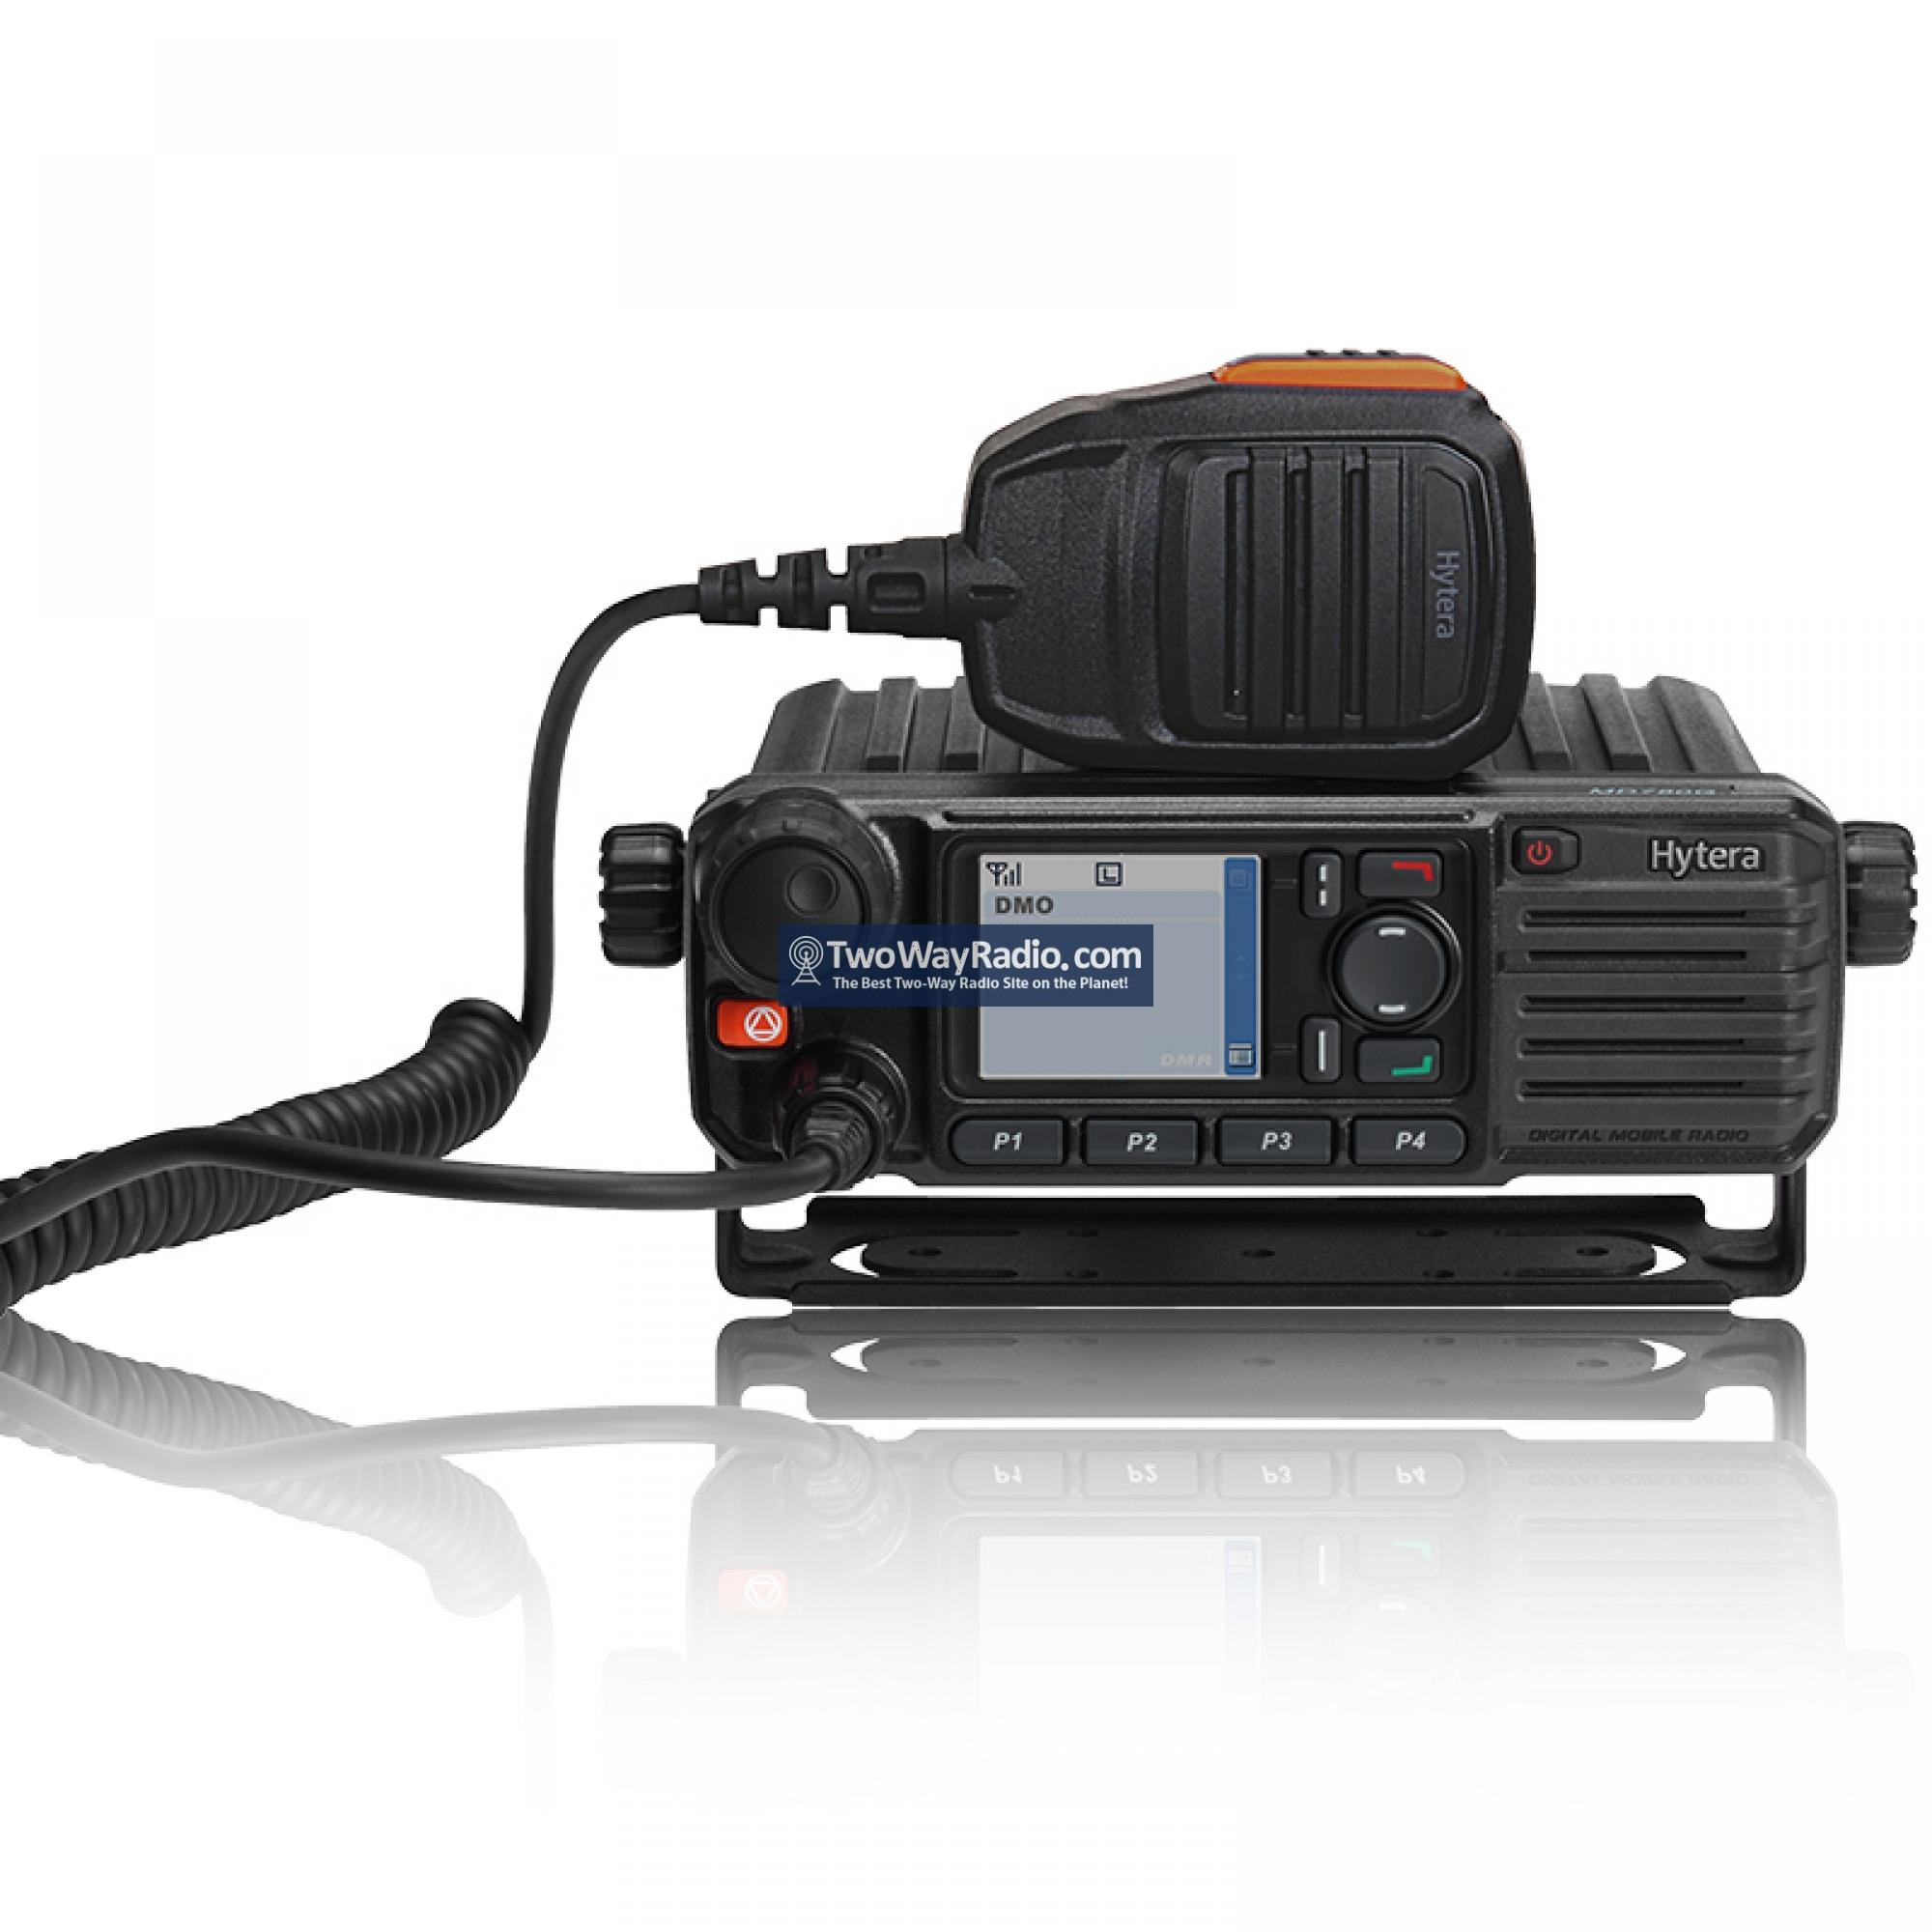 Buy Here | Hytera MD782i G U2 Mobile Radio ($719 95) - 45W